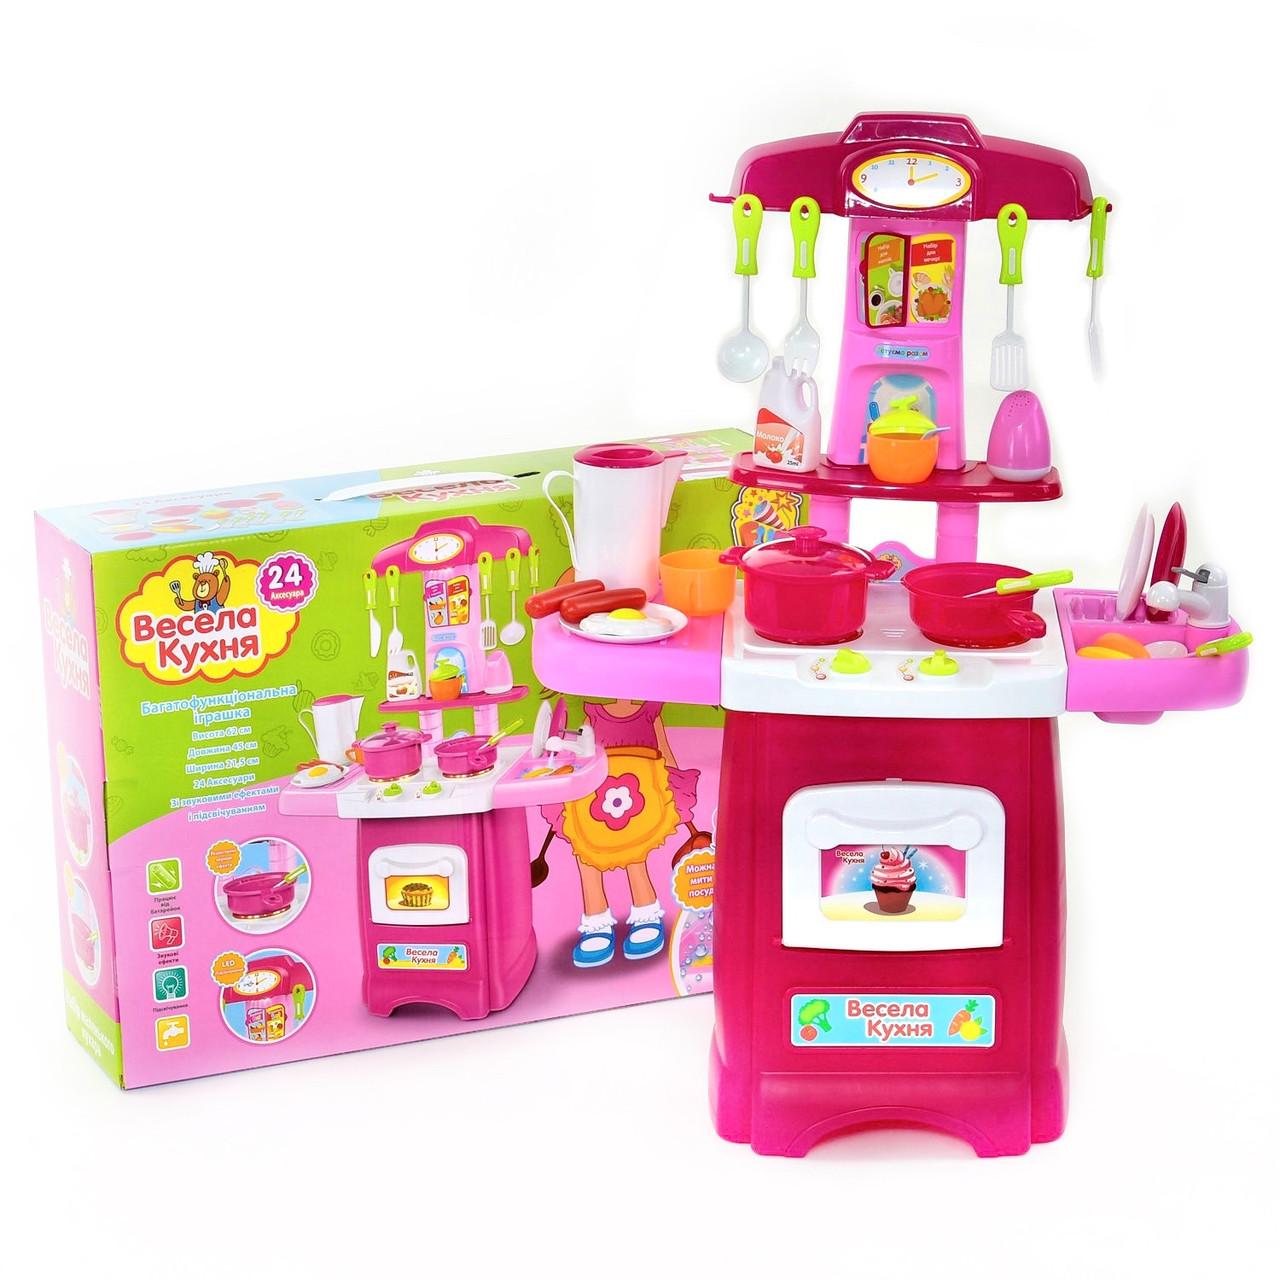 Кухня детская звук , свет , Течёт водичка 2728 L